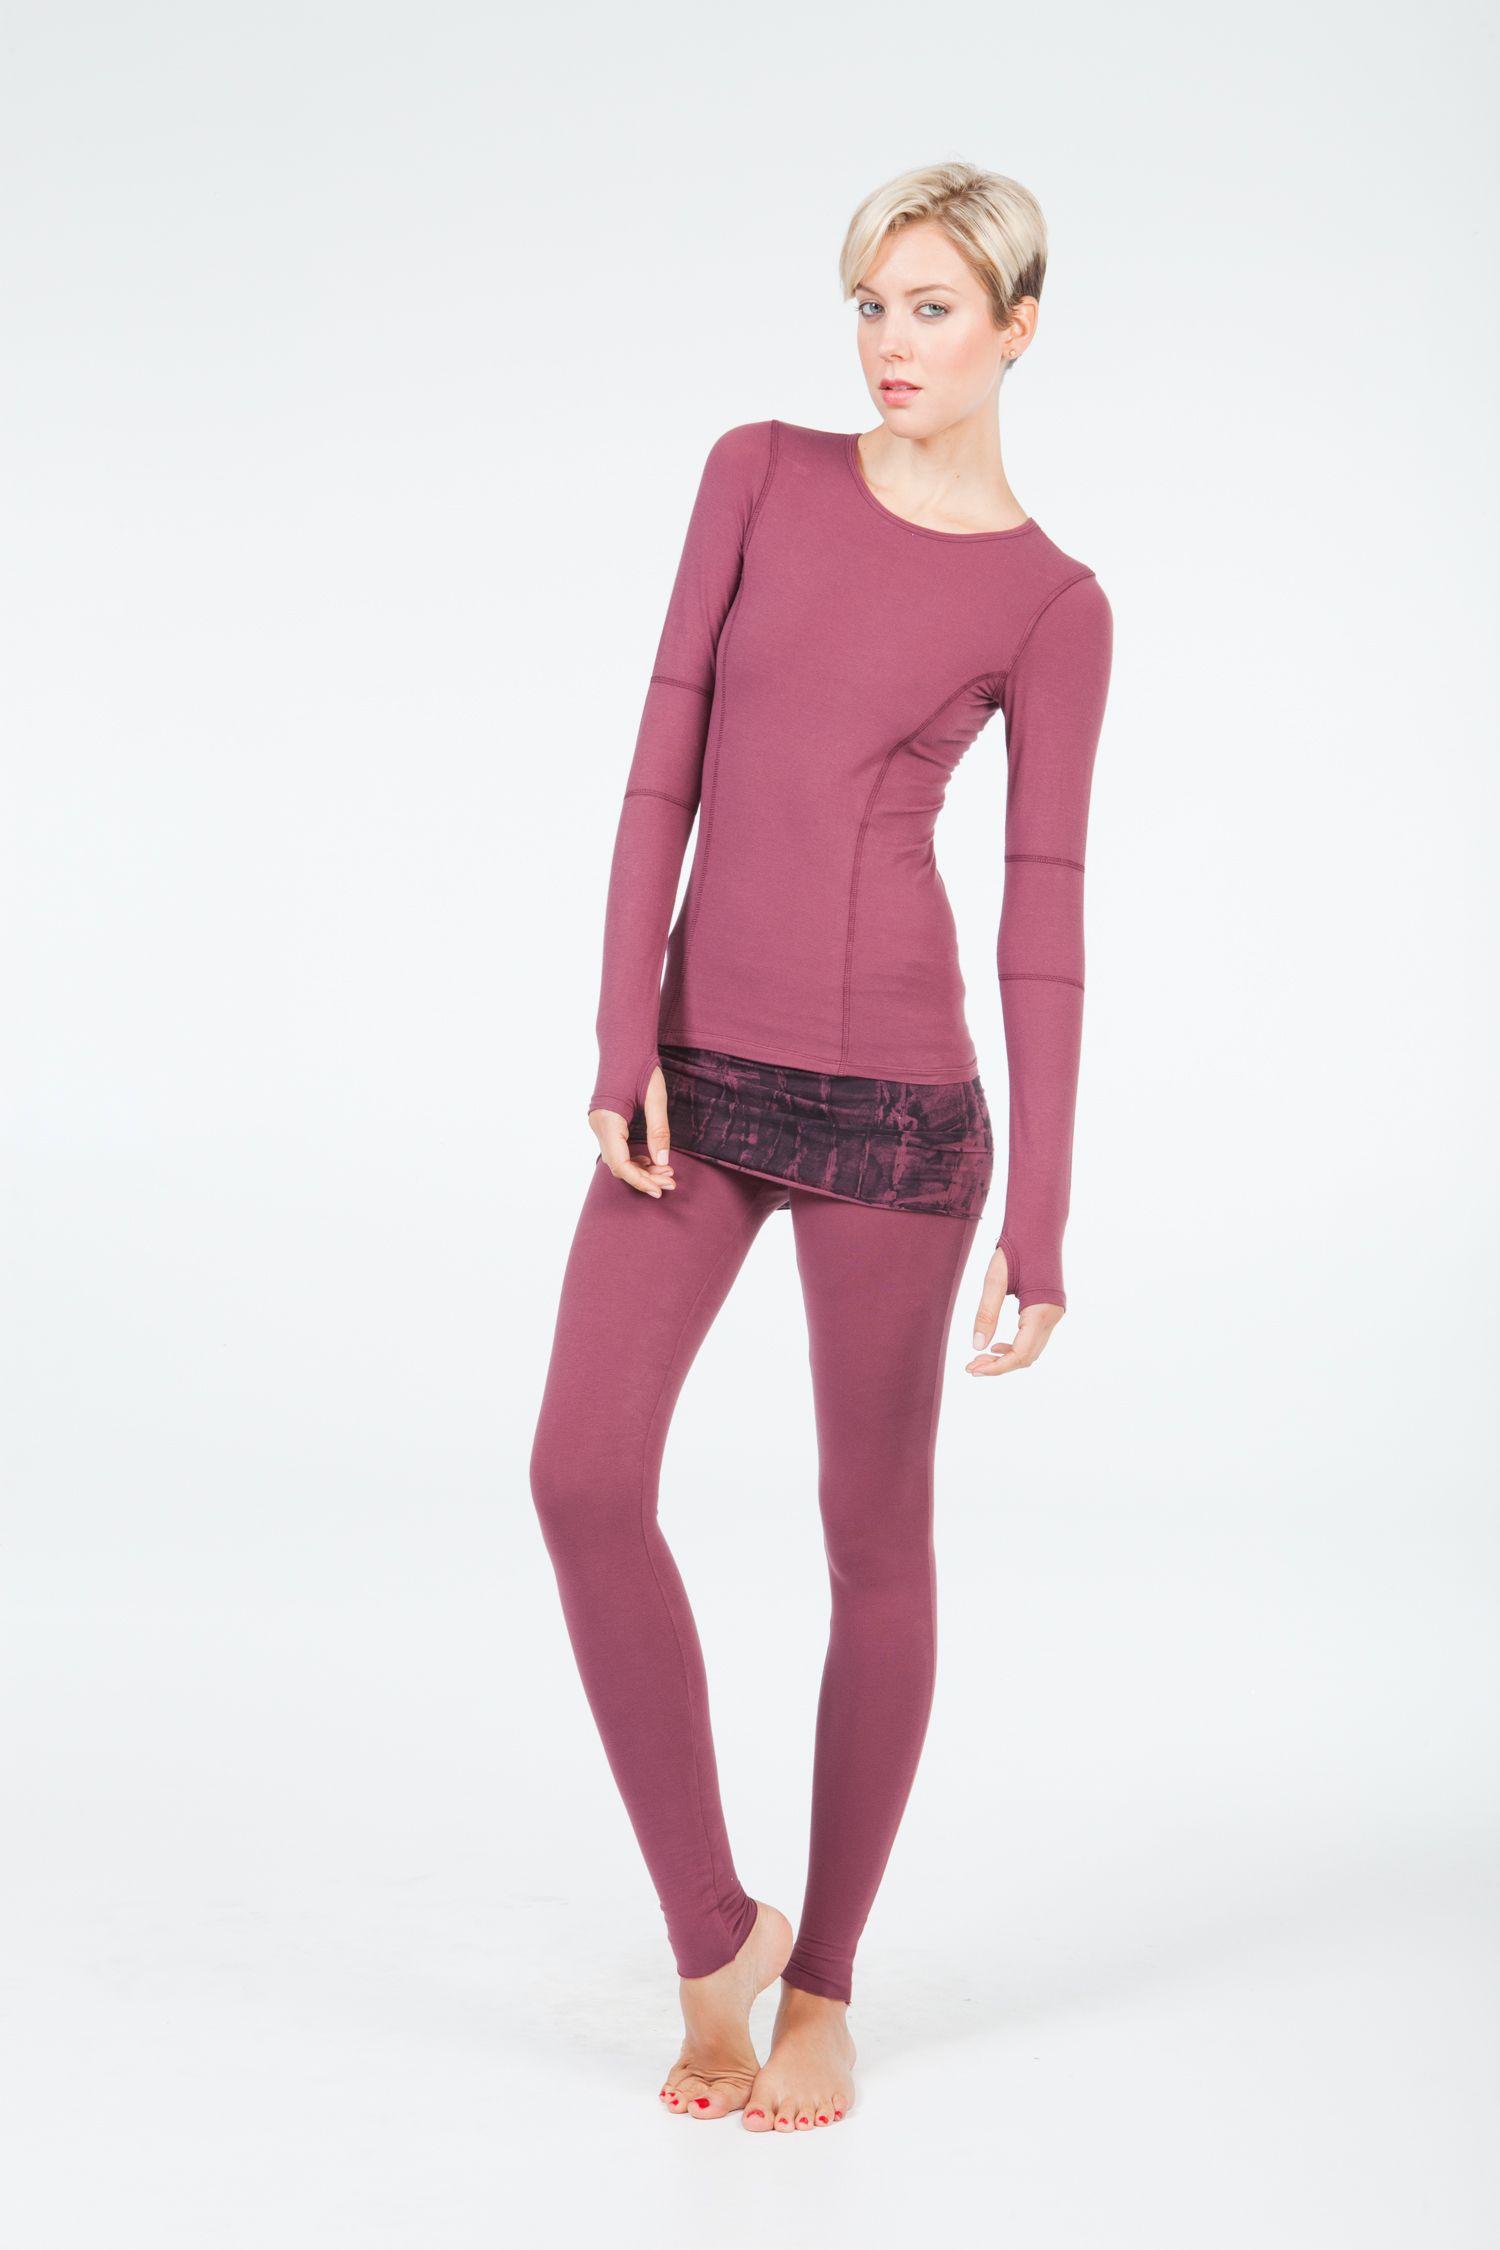 4f85b63bda51f Nomad legging | omgirl | Fitness